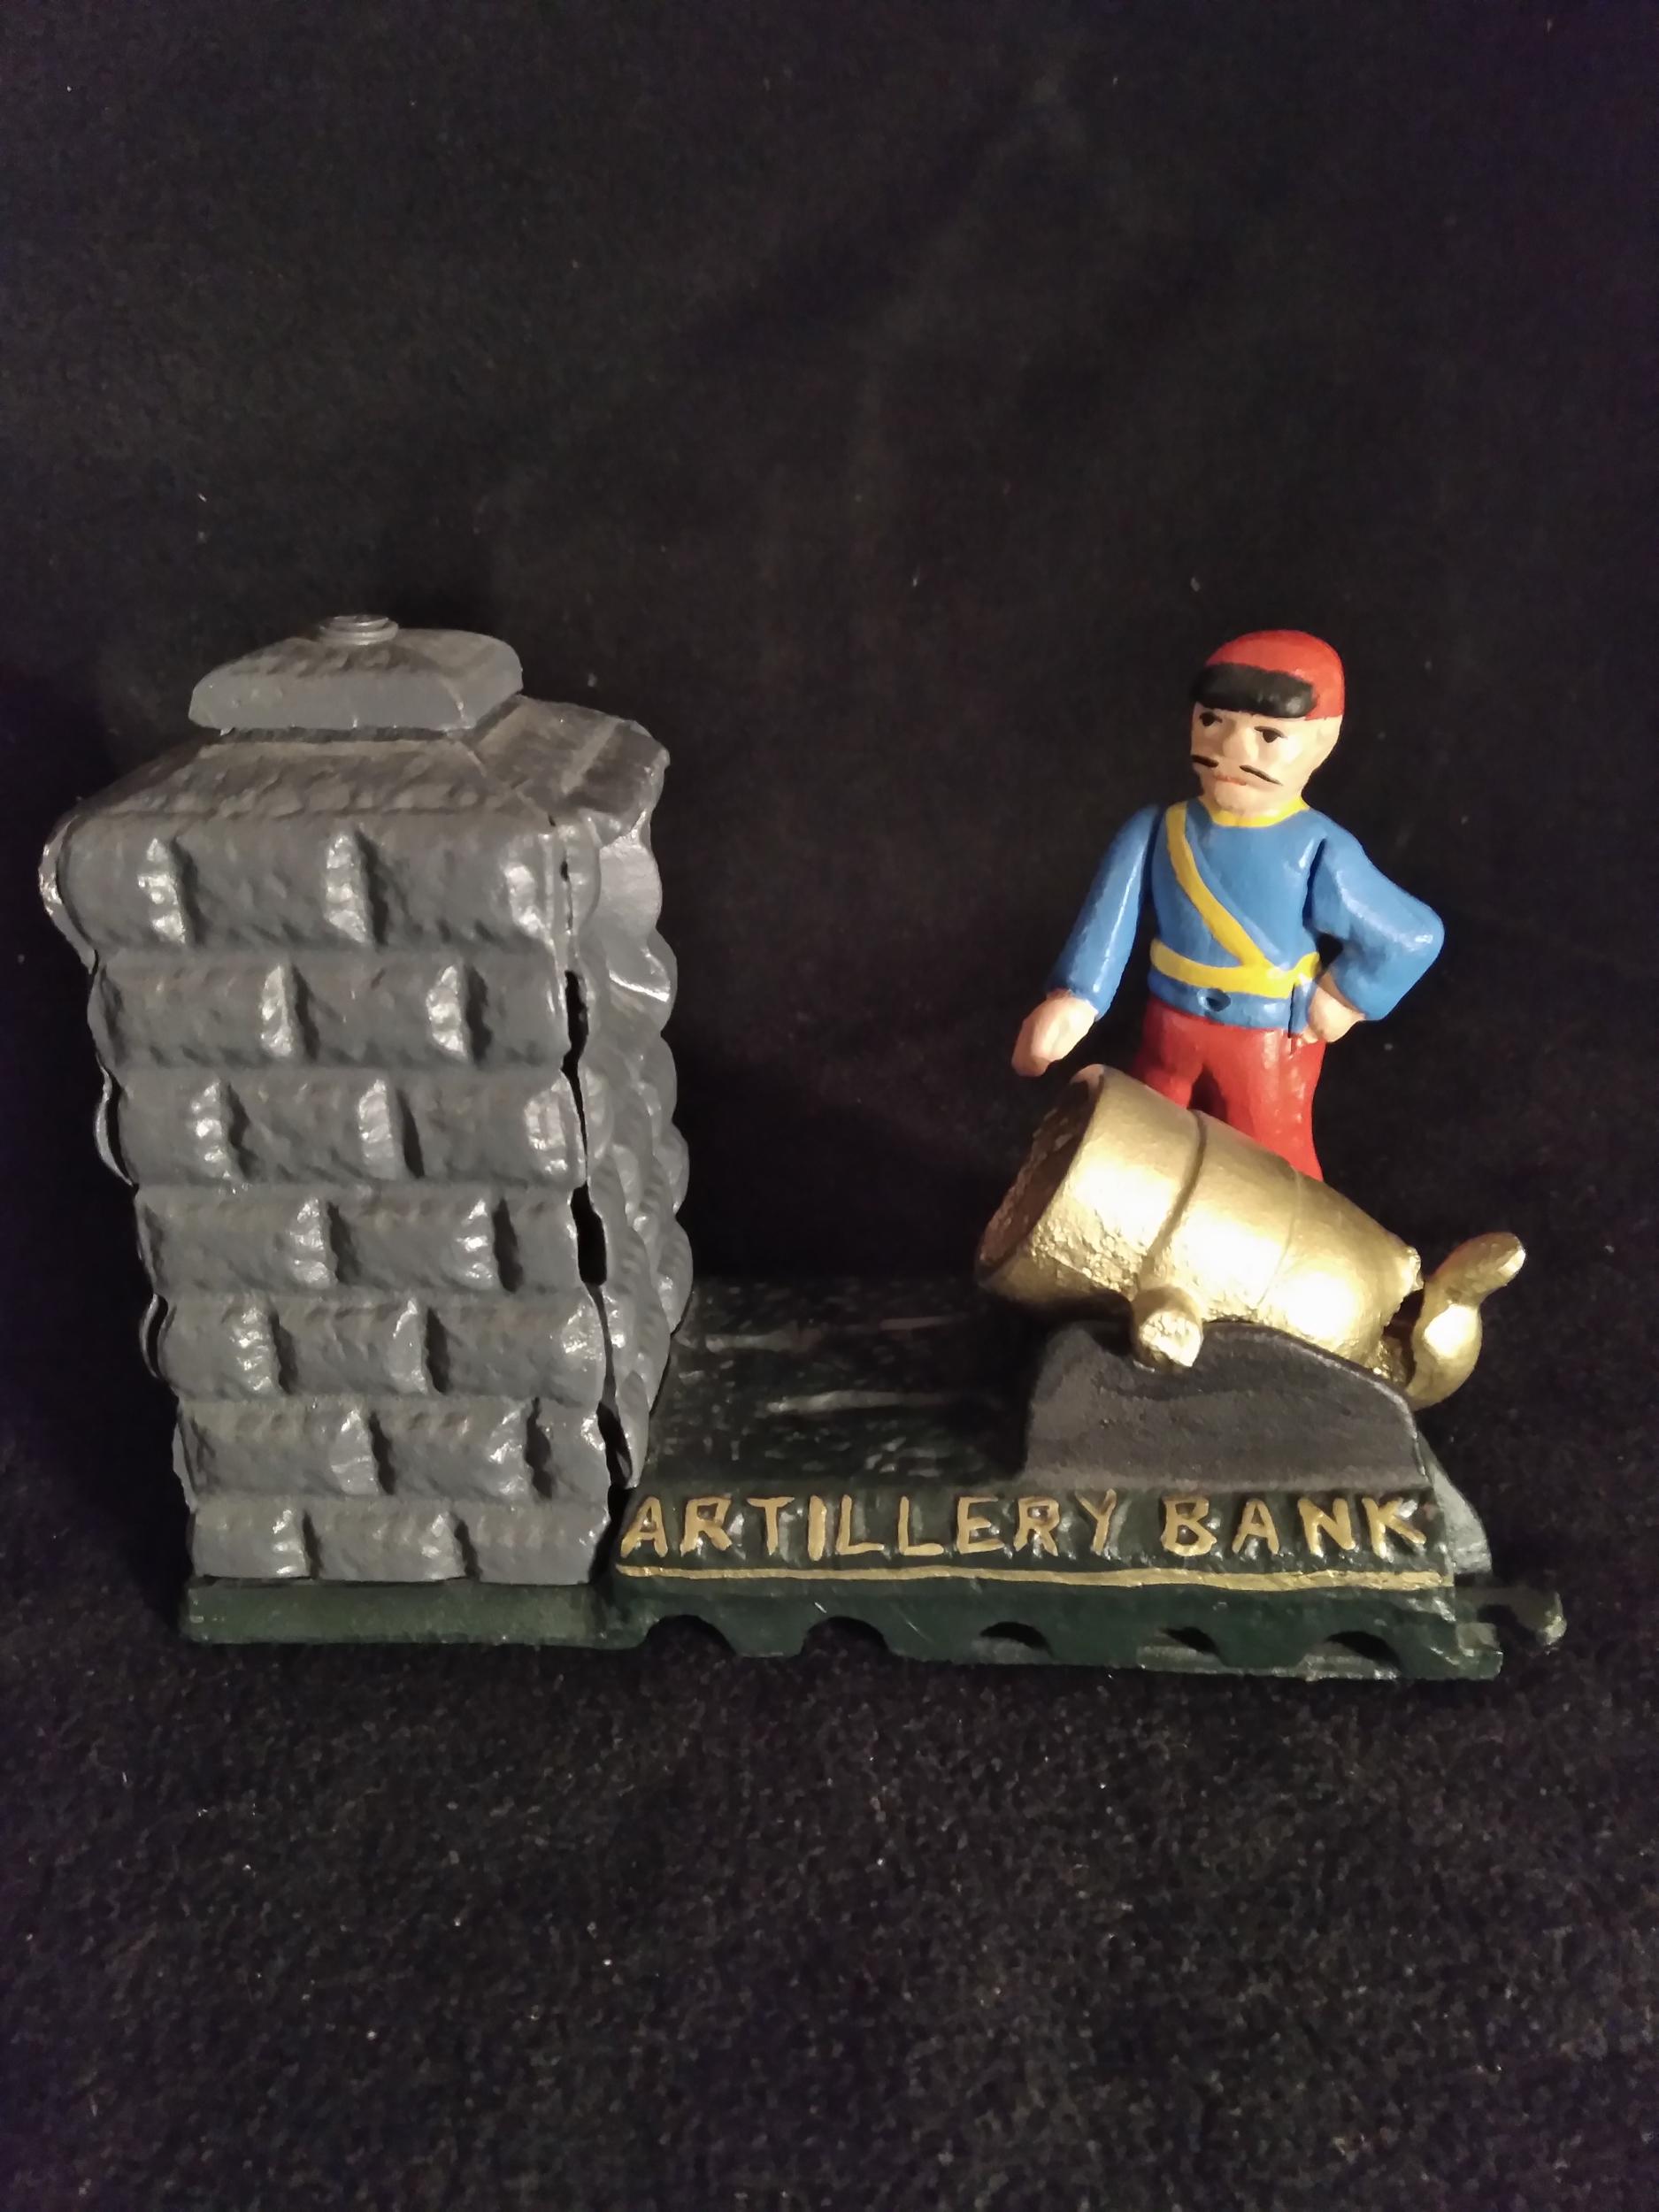 Tirelire mécanique Artillery bank